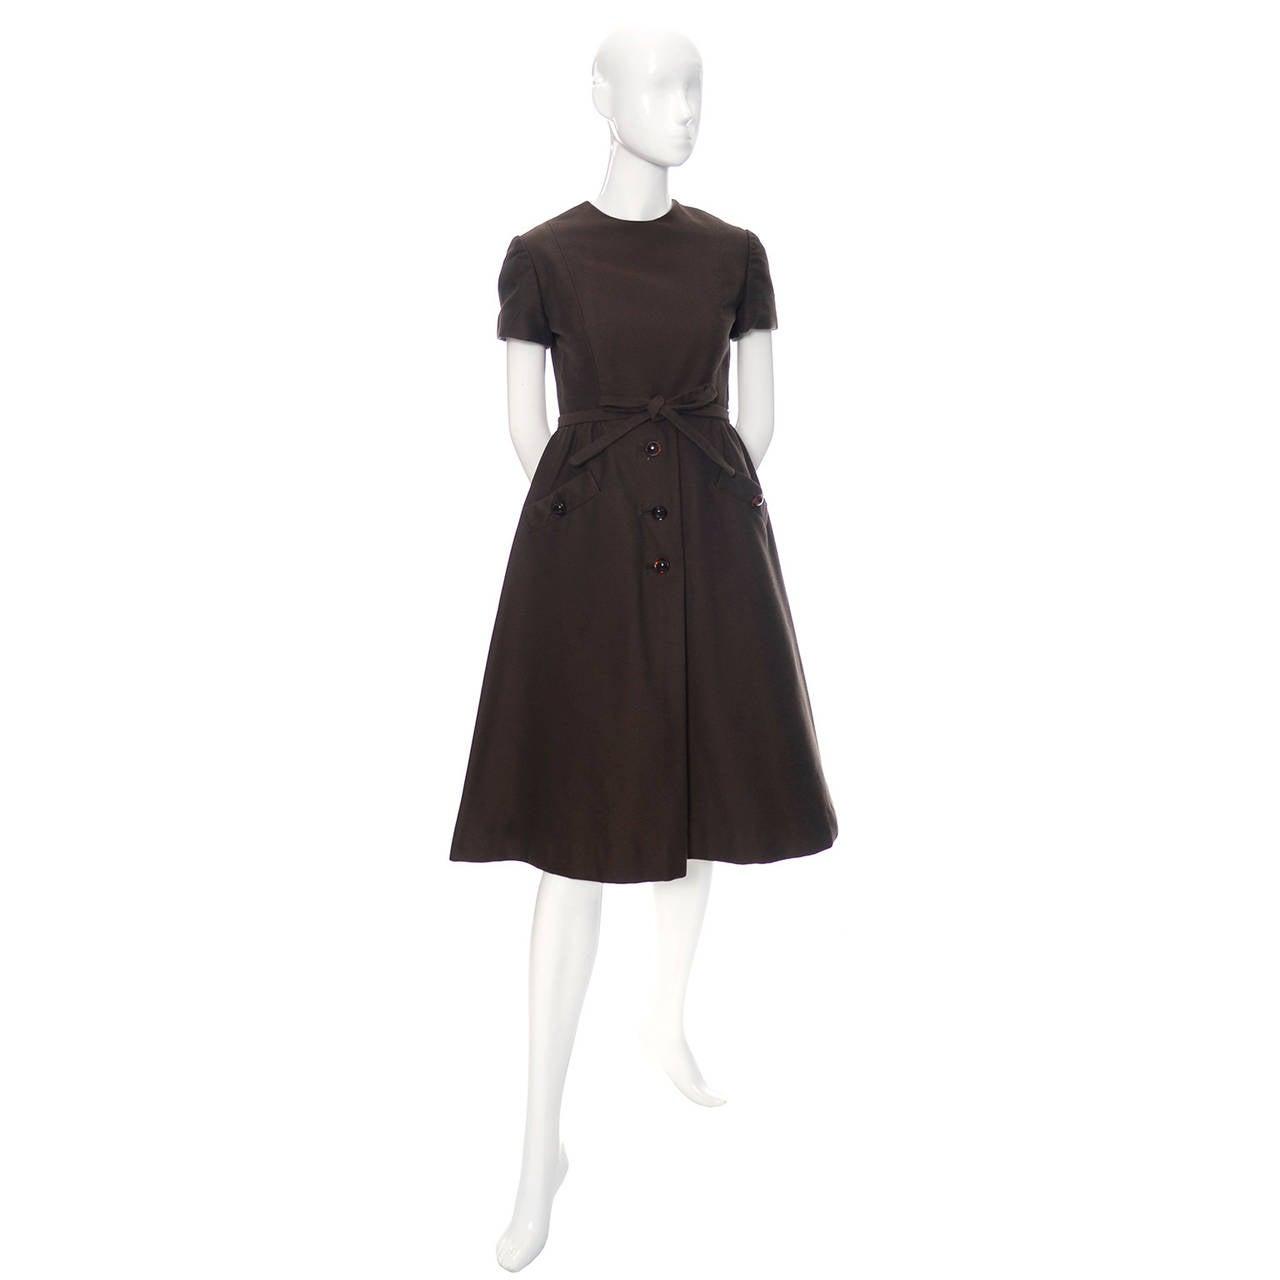 Chocolate Brown Geoffrey Beene 1960s Mod Vintage Dress Pockets Belt 6